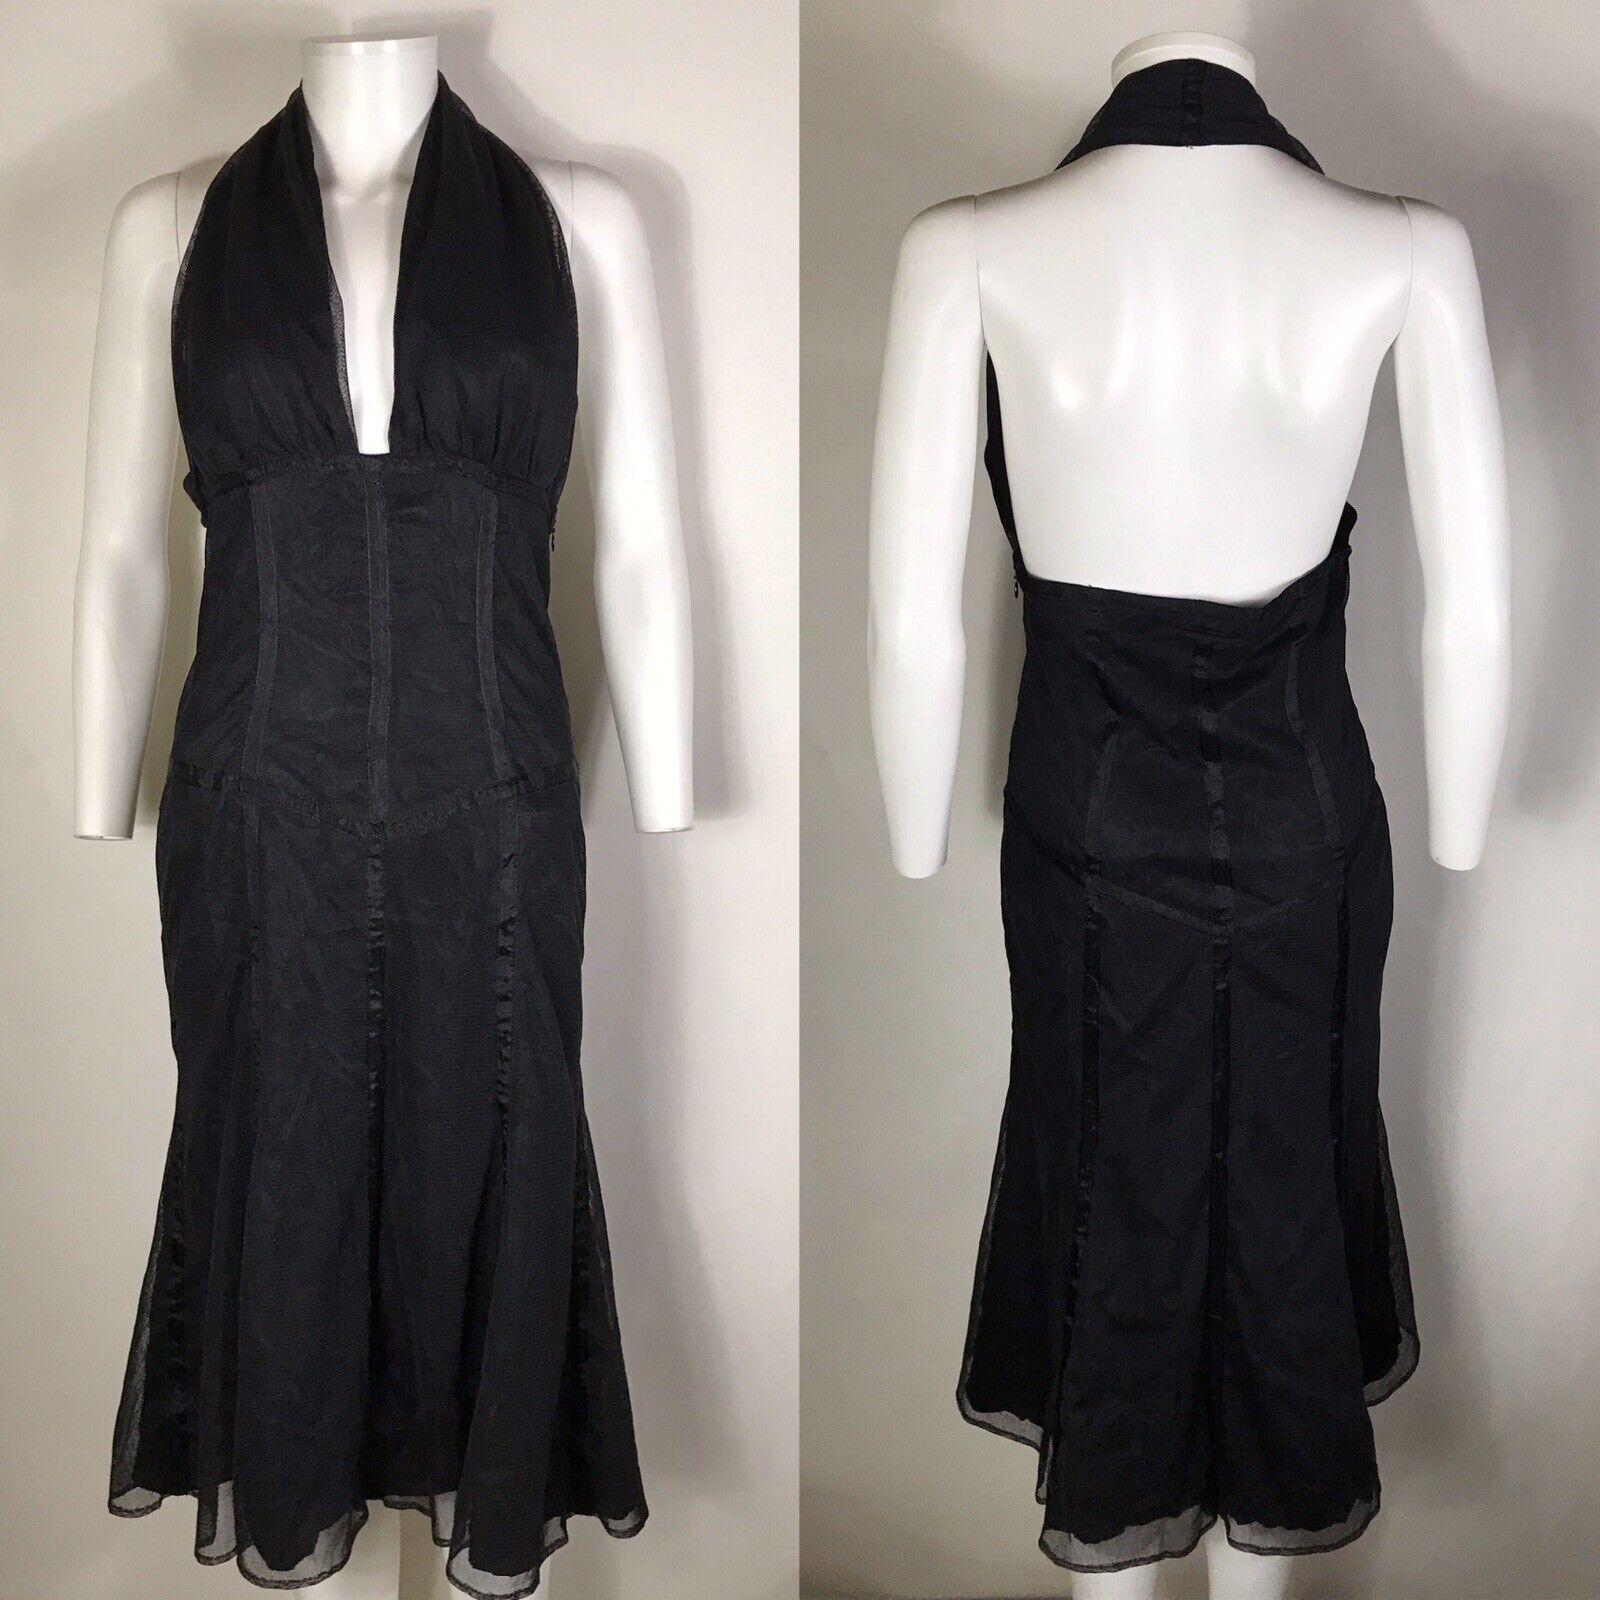 Rara De Colección Jean Paul Gaultier Malla Negra Vestido Halter  S  Descuento del 70% barato